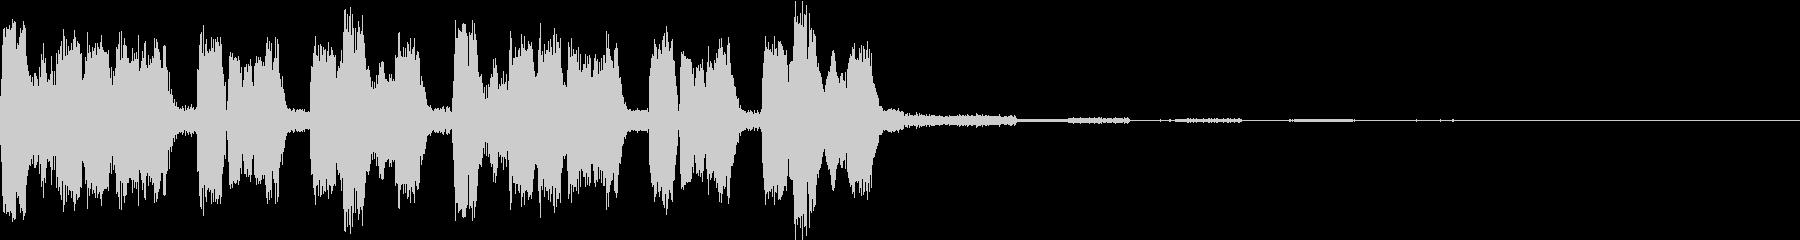 ノリノリ・キャッチーEDMジングル2の未再生の波形